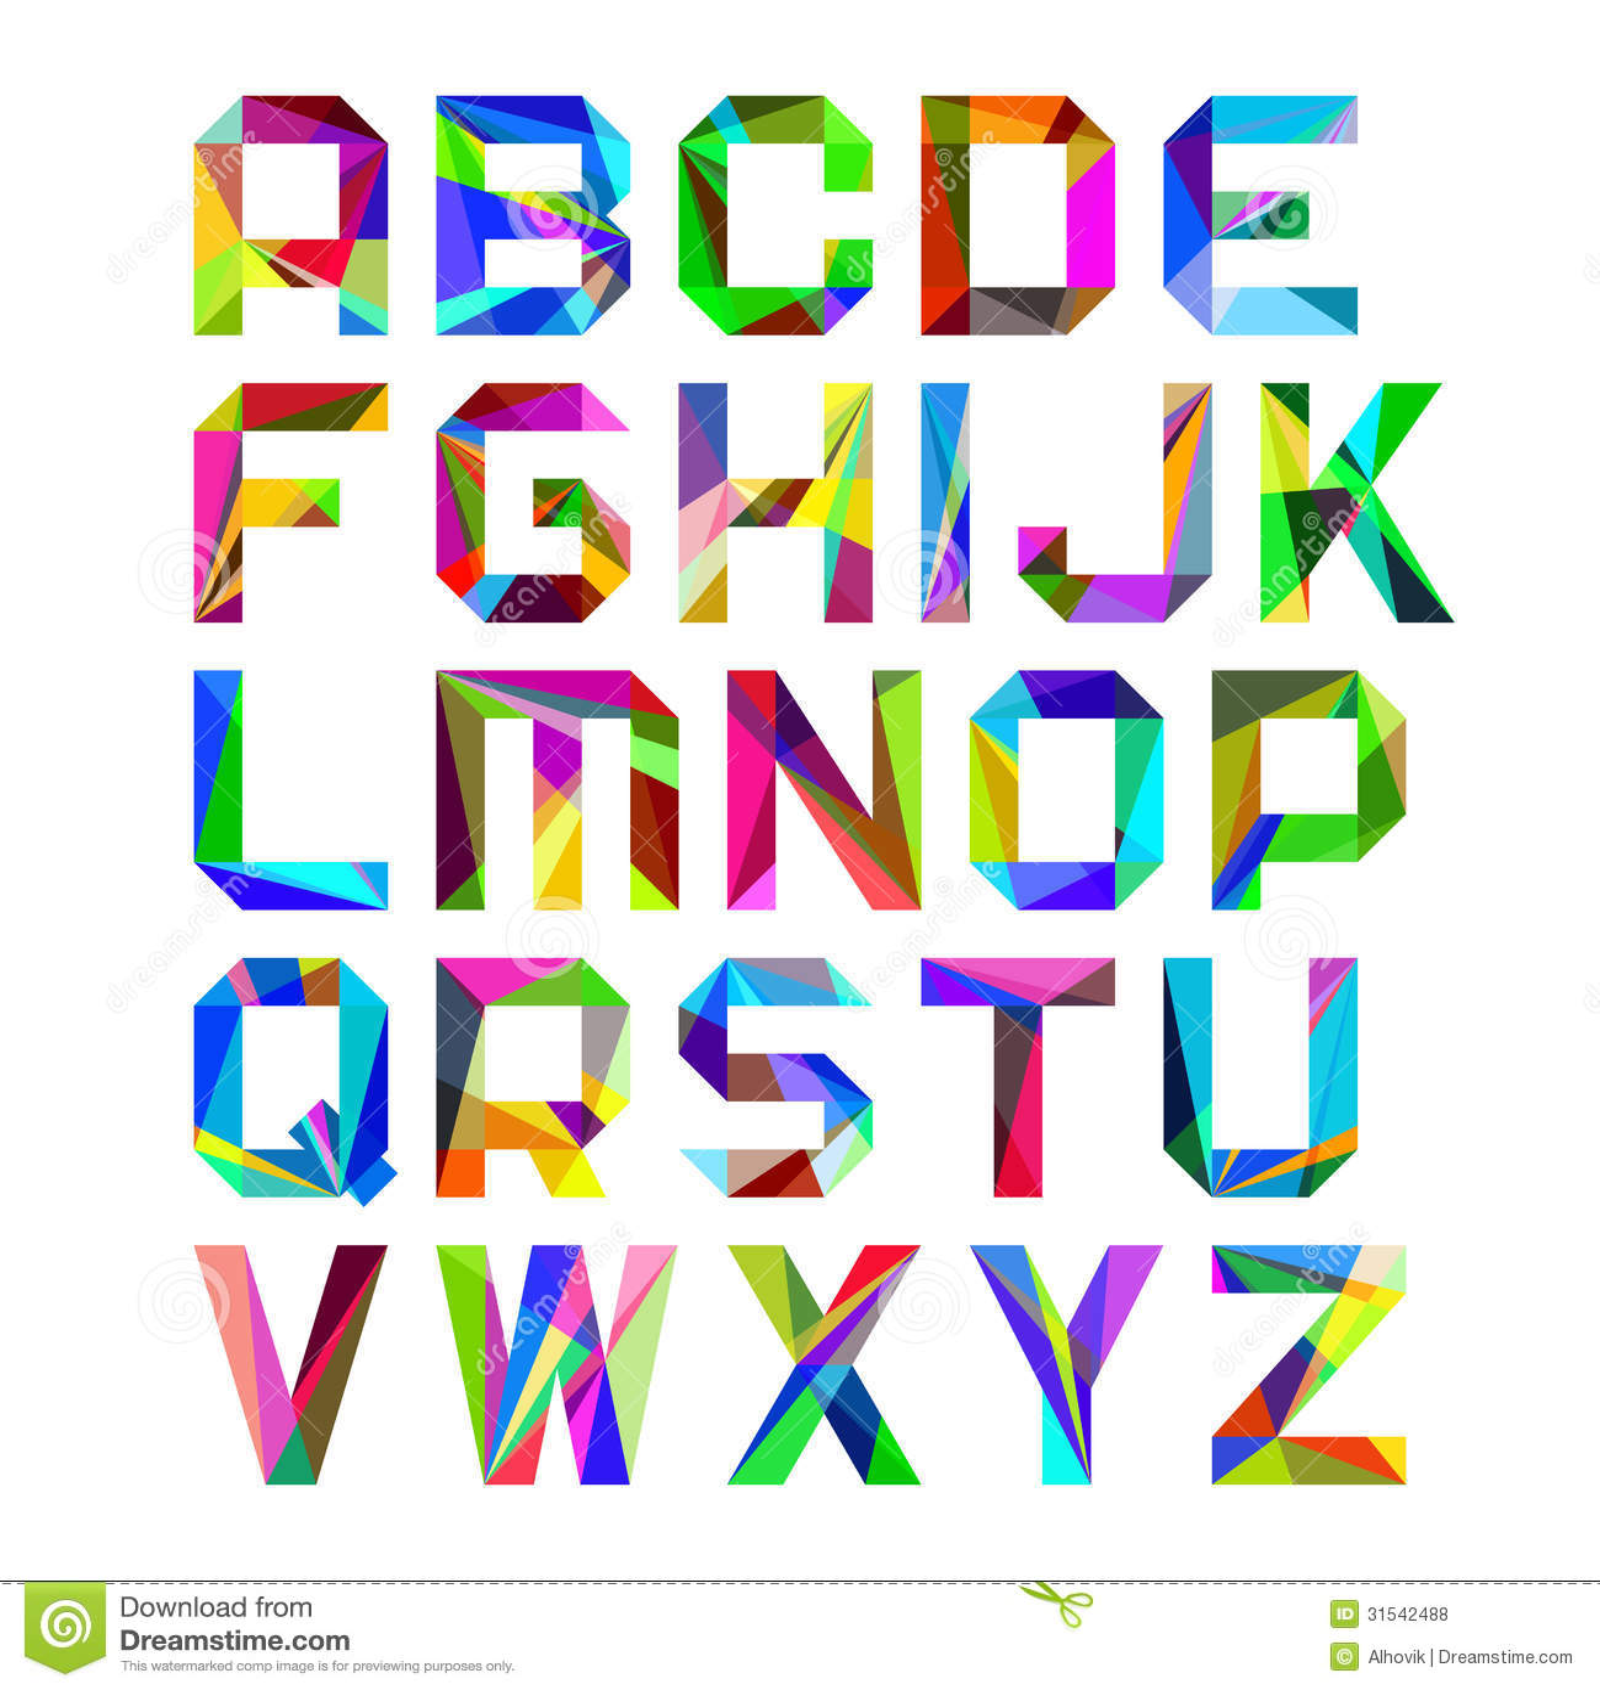 lettres lumineuses d 39 alphabet photos libres de droits. Black Bedroom Furniture Sets. Home Design Ideas